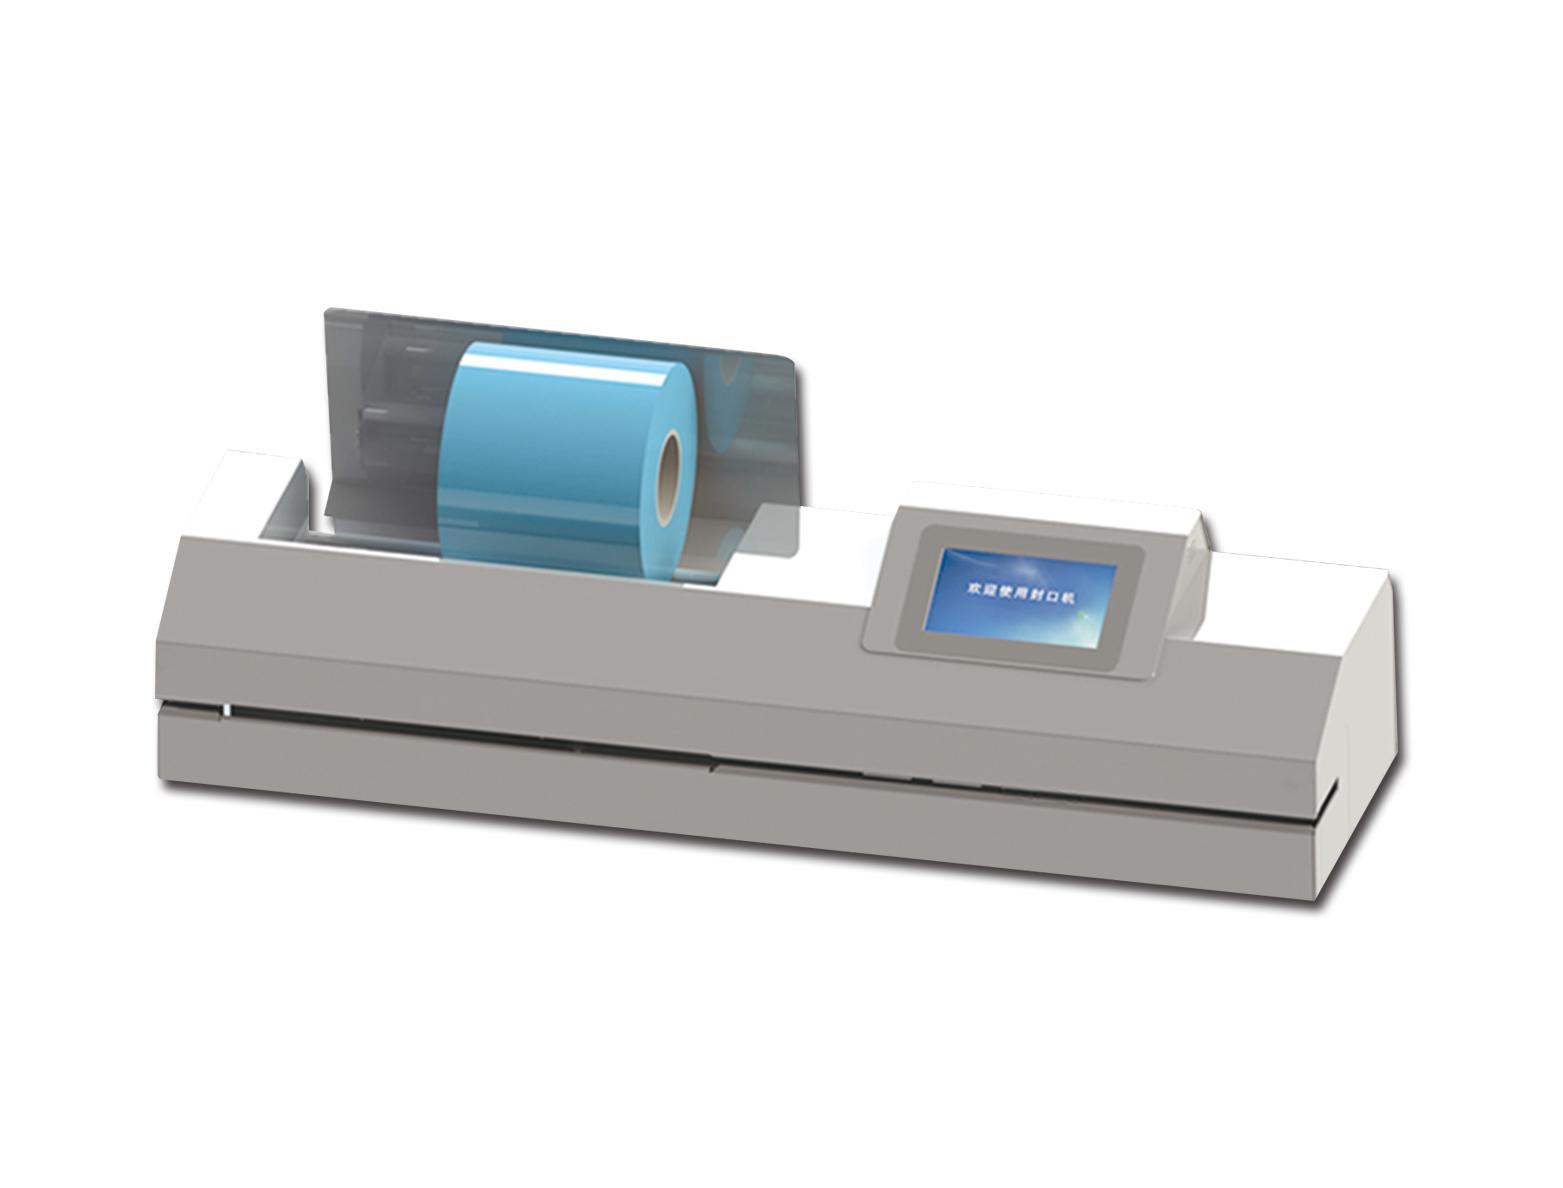 HJFK-980切割封口打印一体机